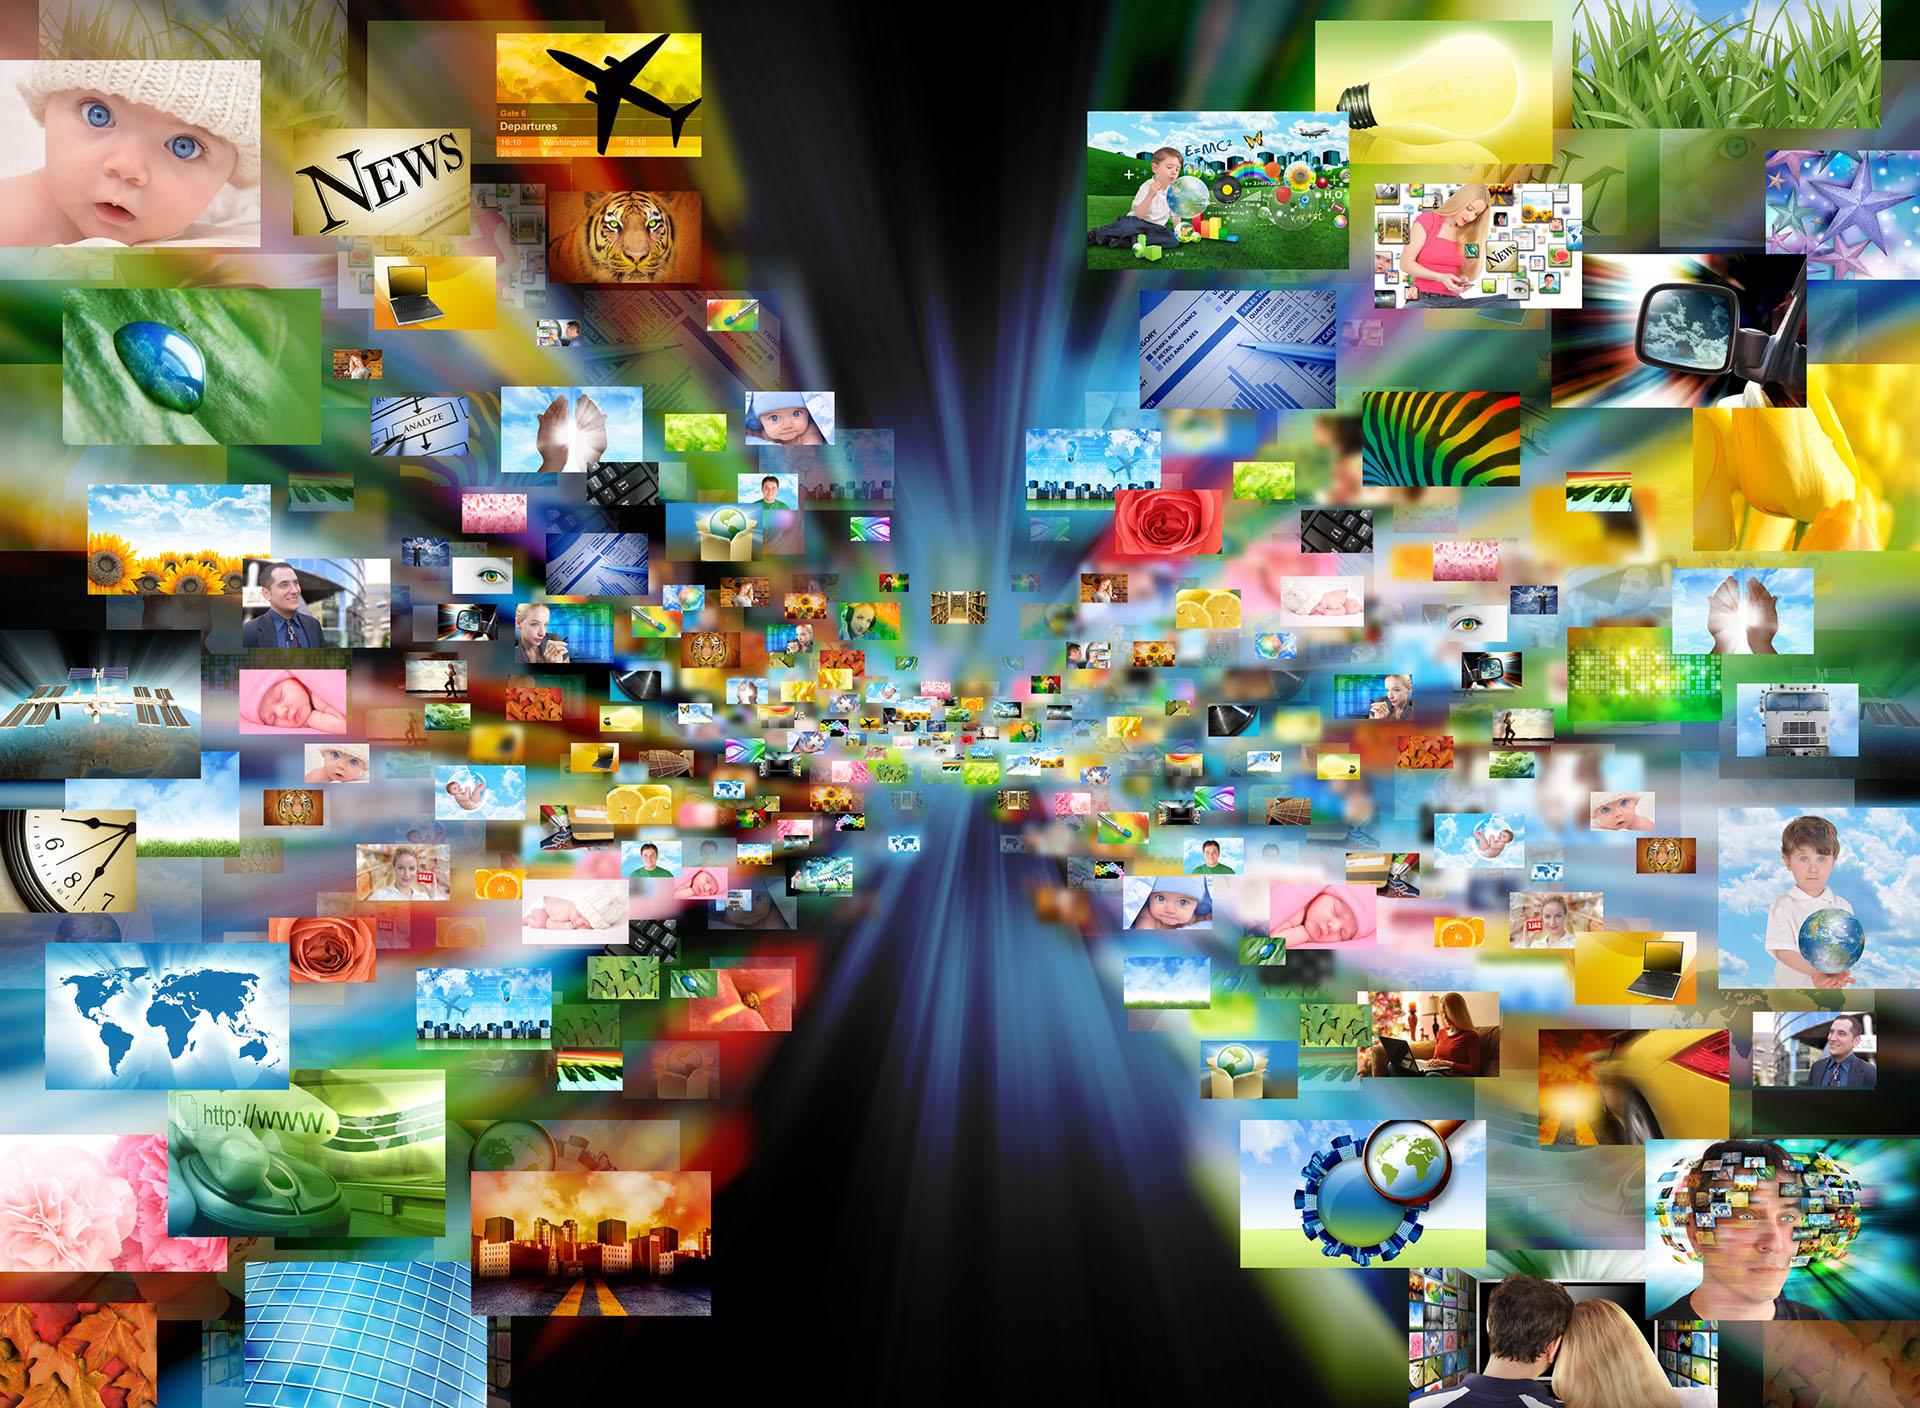 Vill du skapa en hemsida, blogg eller onlinebutik